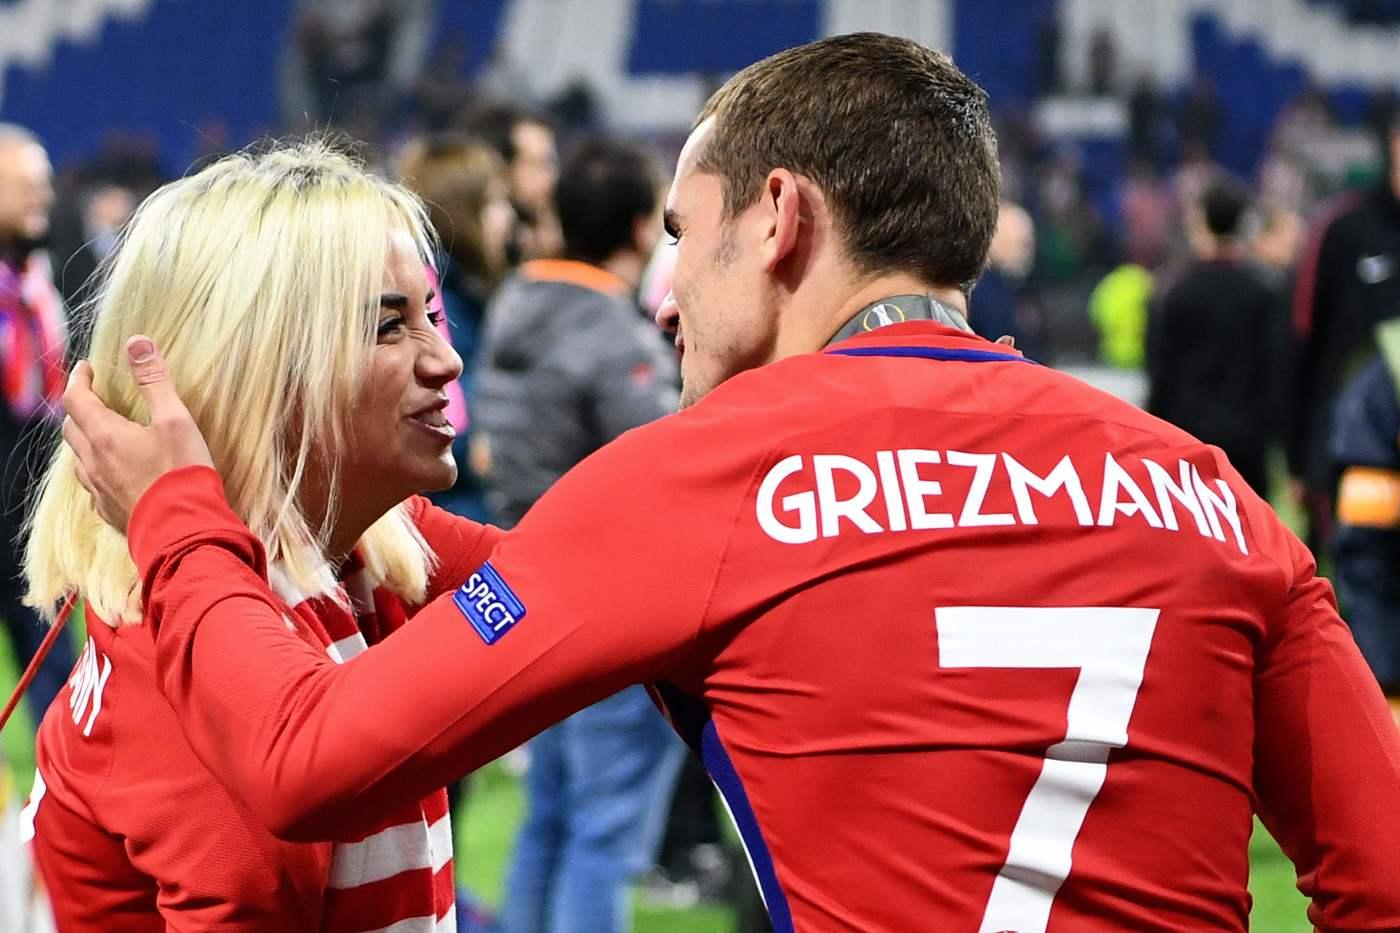 Chi è la moglie di Griezmann? Erika Choperena, la ...